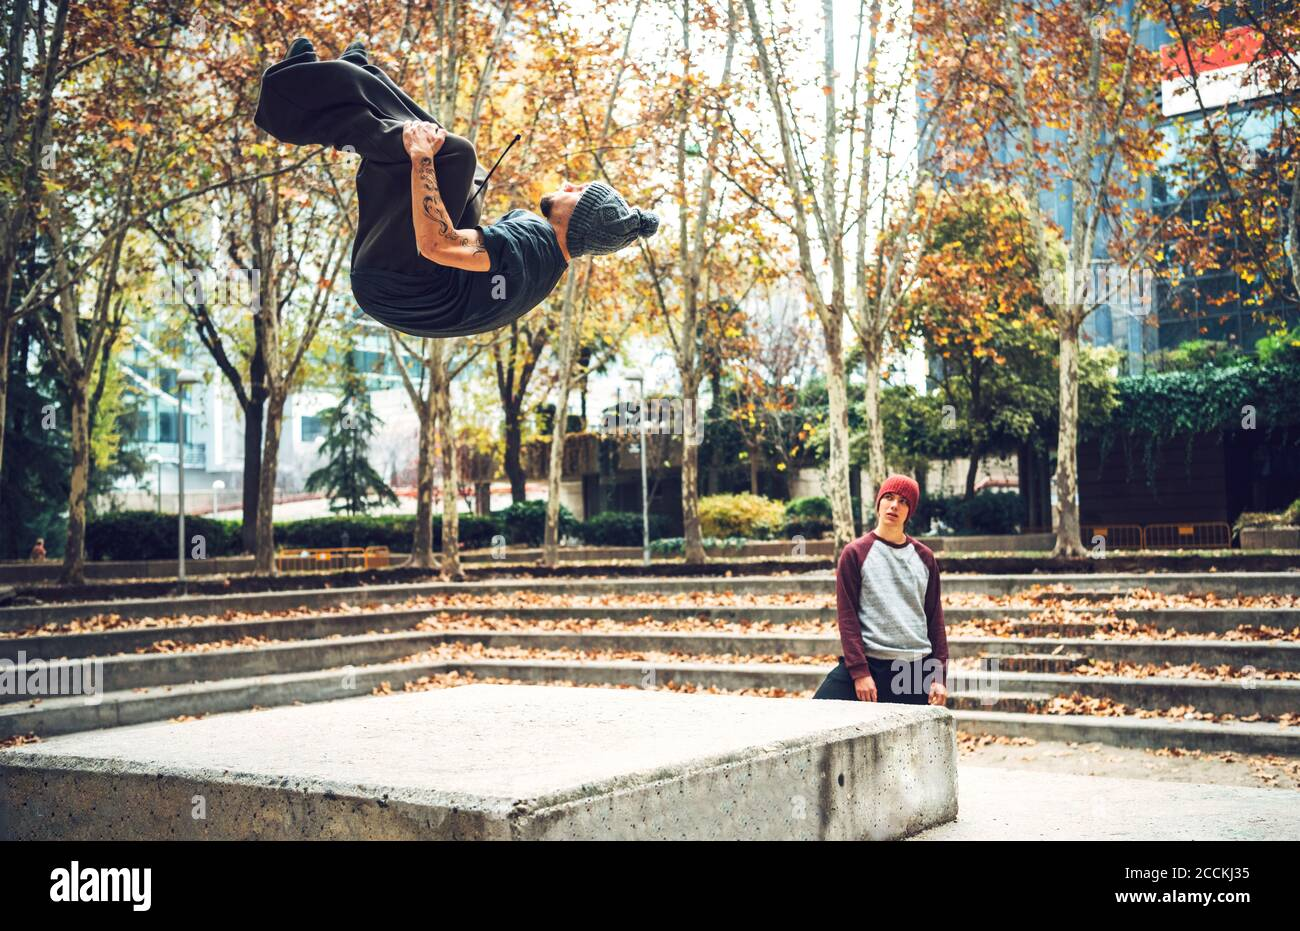 Un jeune homme sautant alors qu'un ami regarde dans un parc public Banque D'Images